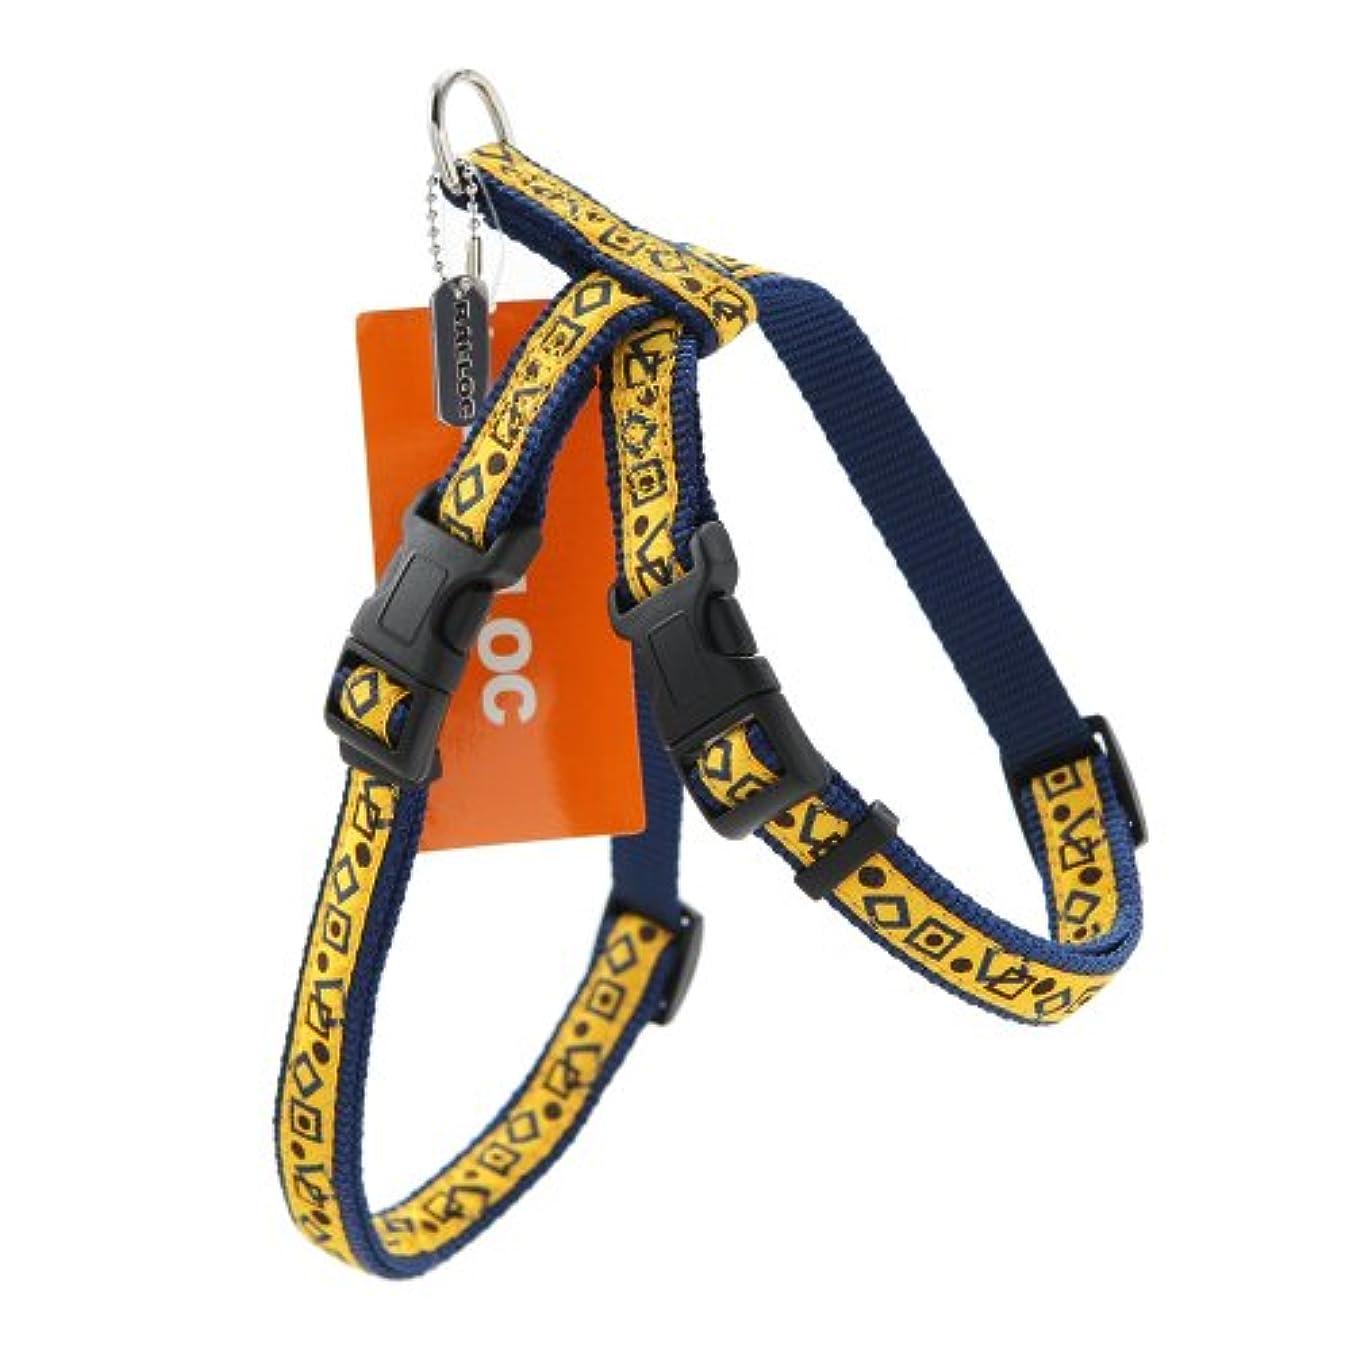 数青写真ますます【小型犬用胴輪】アミット ツービーハーネス Sサイズ 色:109 キューブイエロー